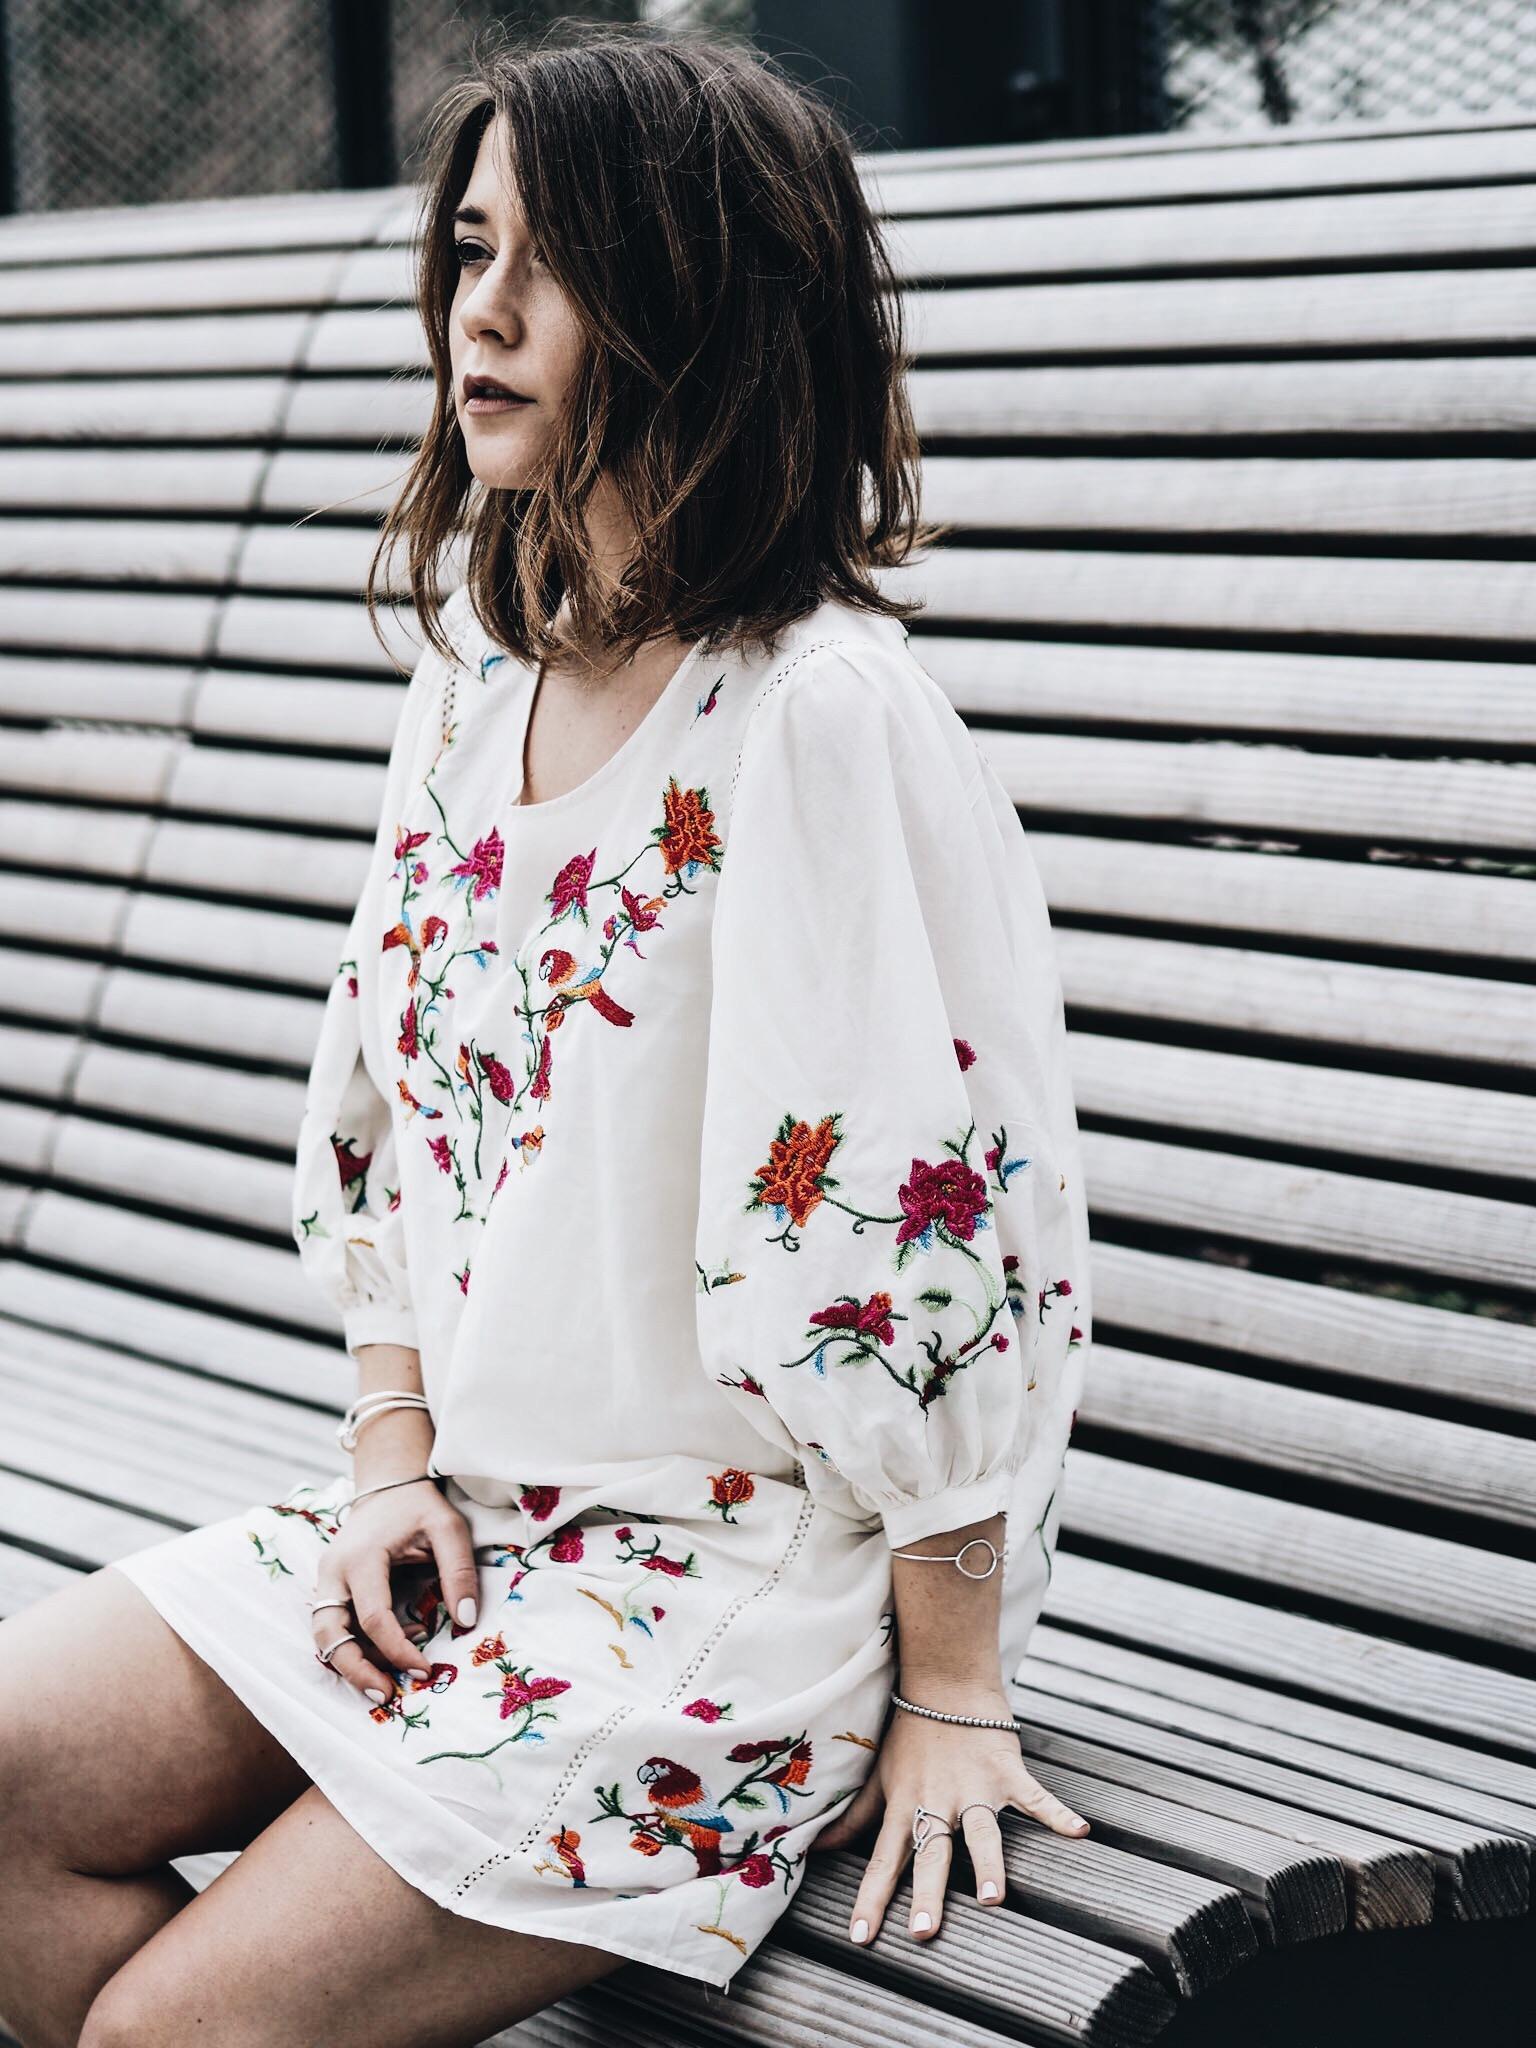 17 Schön Zara Abend Kleid Boutique15 Genial Zara Abend Kleid für 2019